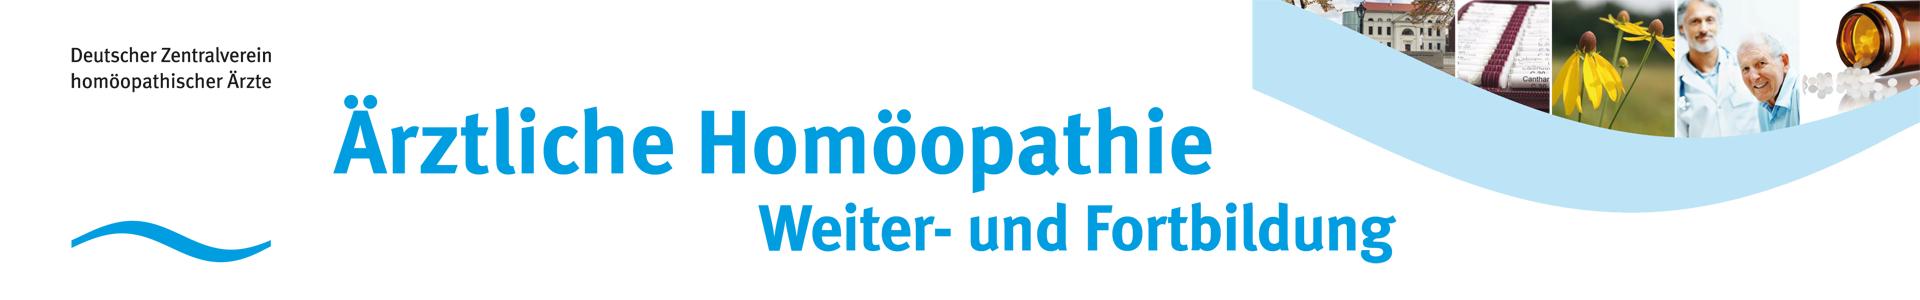 http://www.weiterbildung-homoeopathie.de/